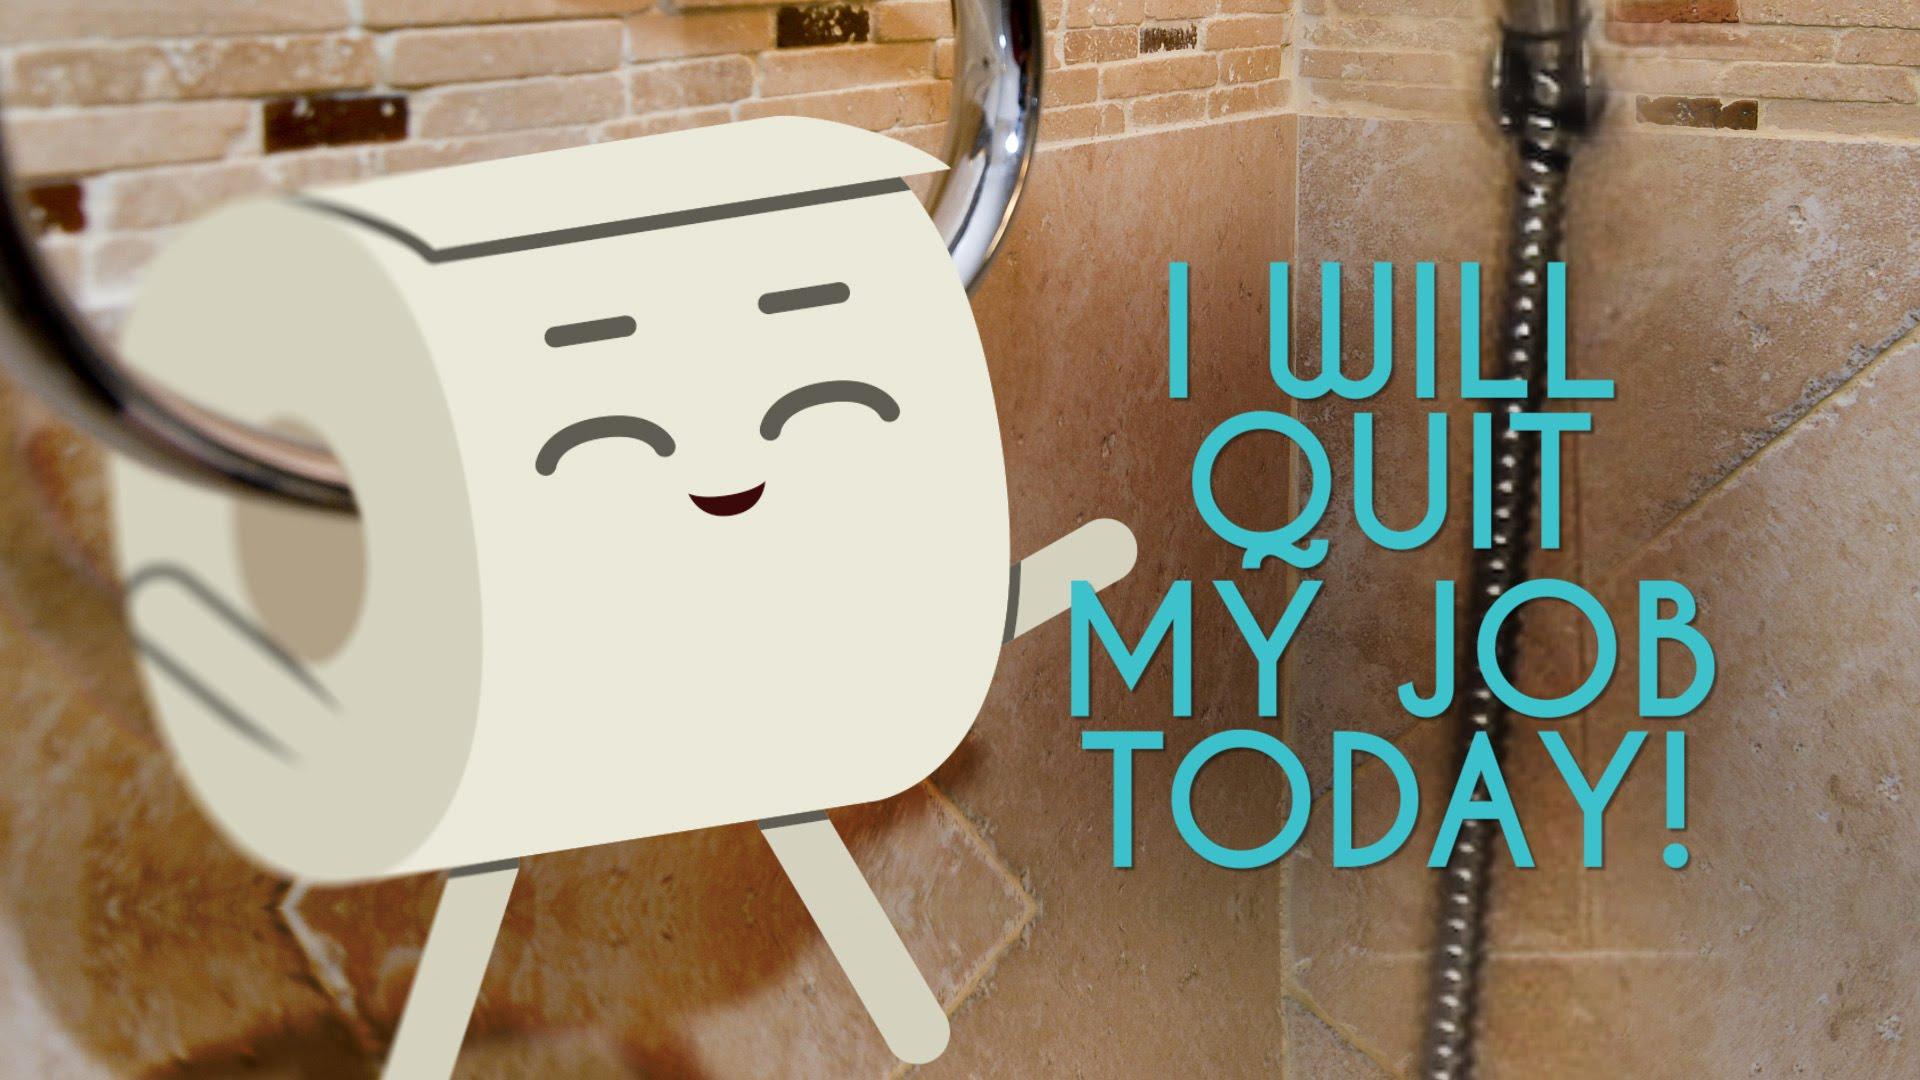 「連假過後就是要聽這首歌!」- I Will Quit My Job Today